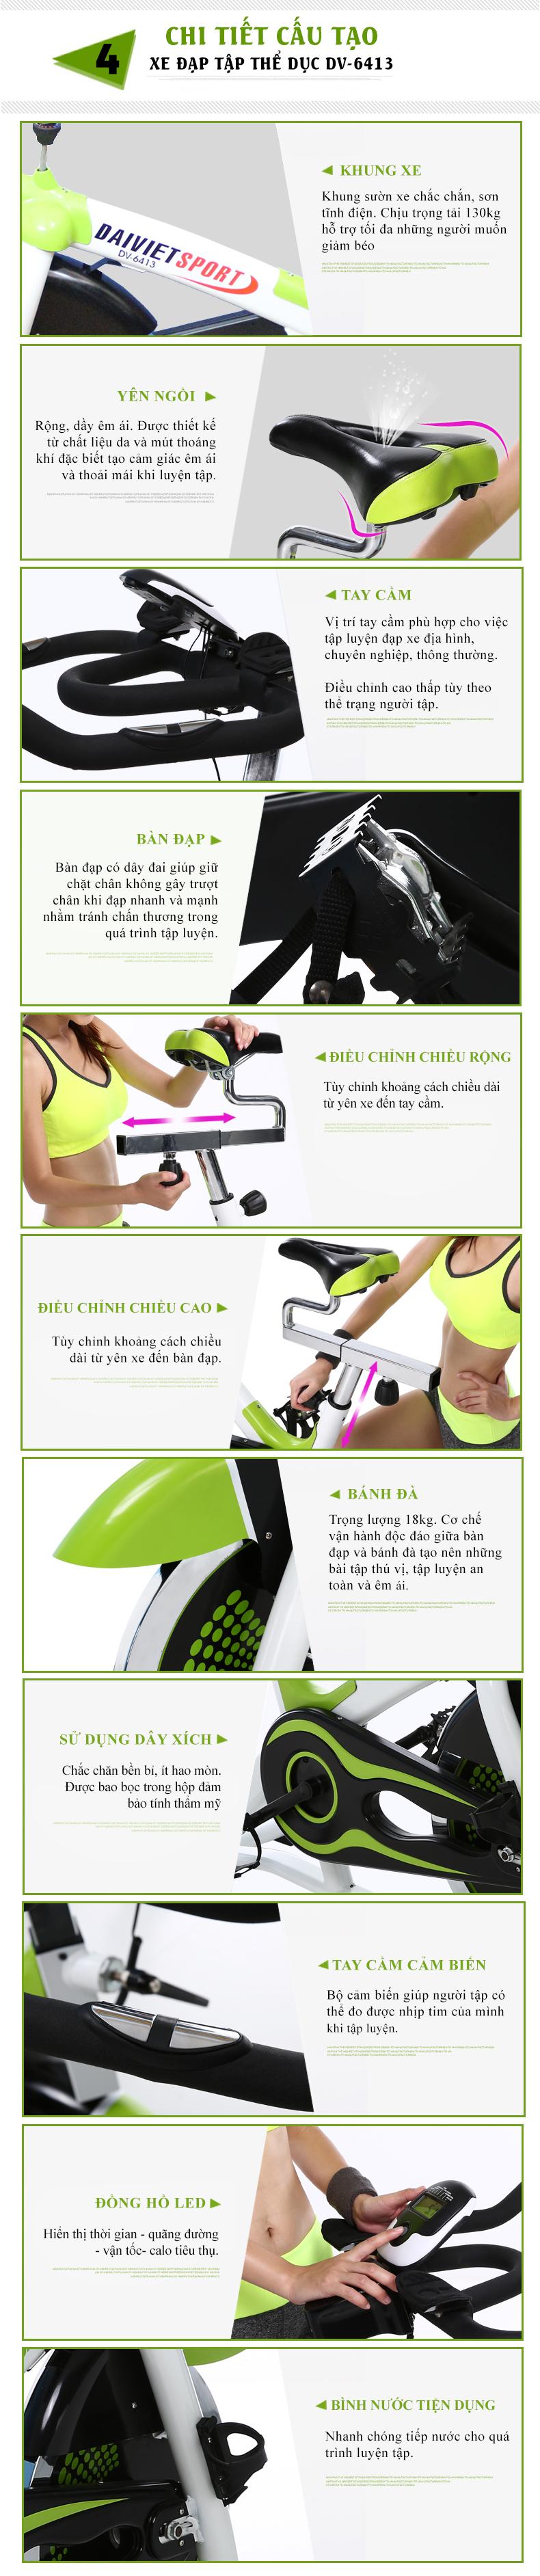 Chi tiết Xe đạp thể thao Đại Việt DV-6413